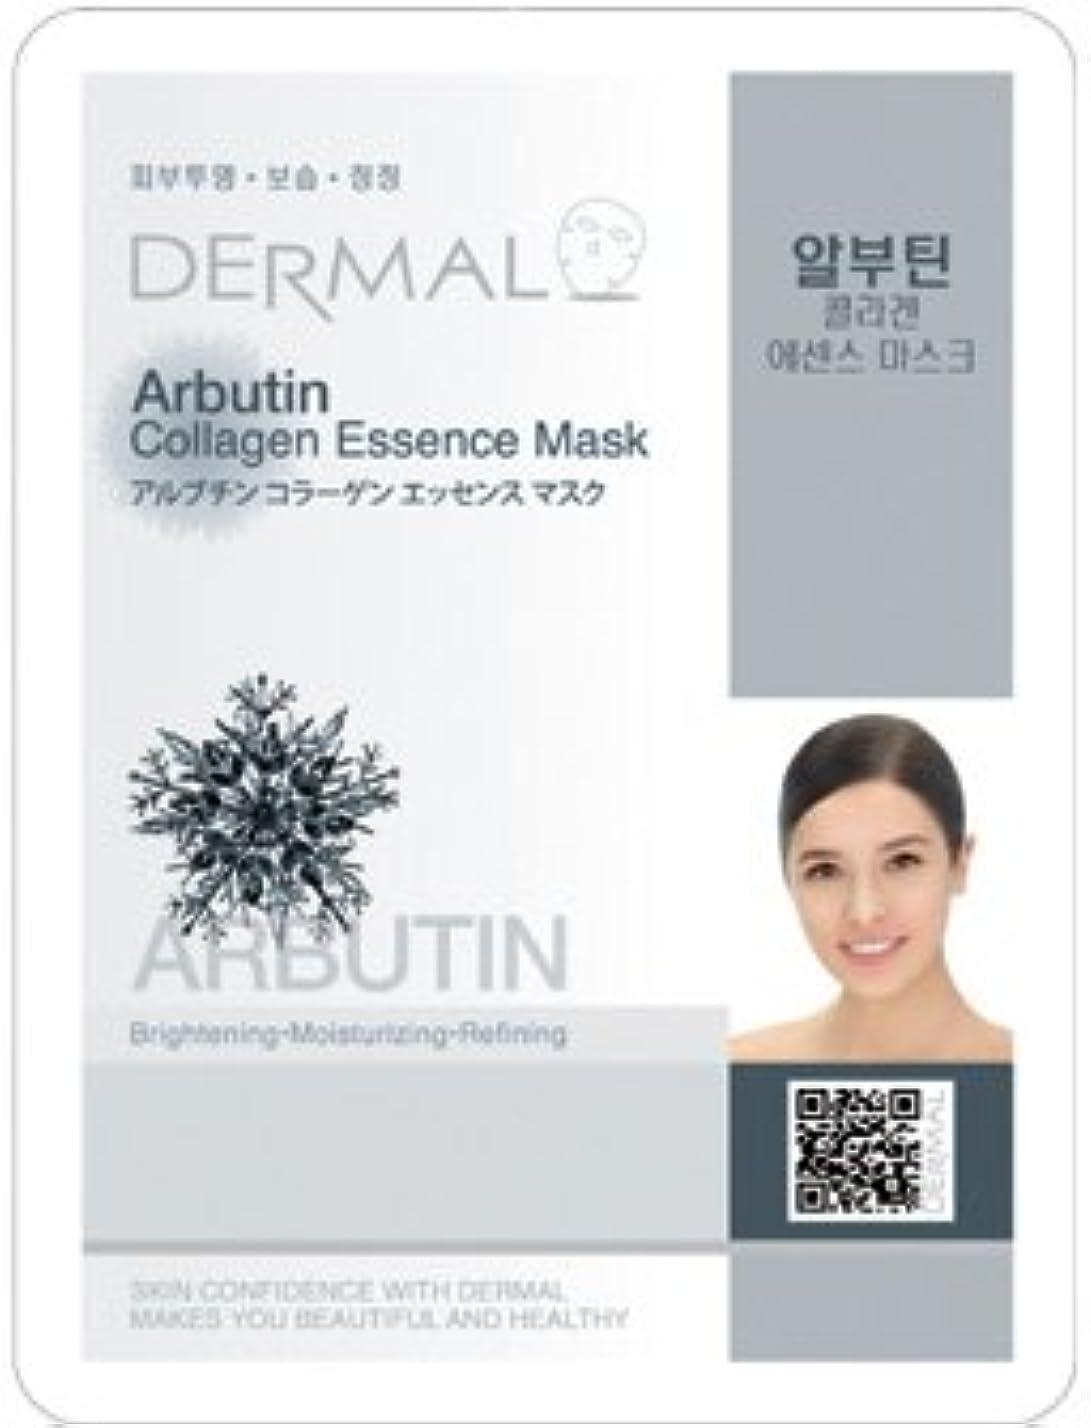 日常的に指紋ヒュームDermal(ダーマル) シートマスク アルブチン 100枚セット